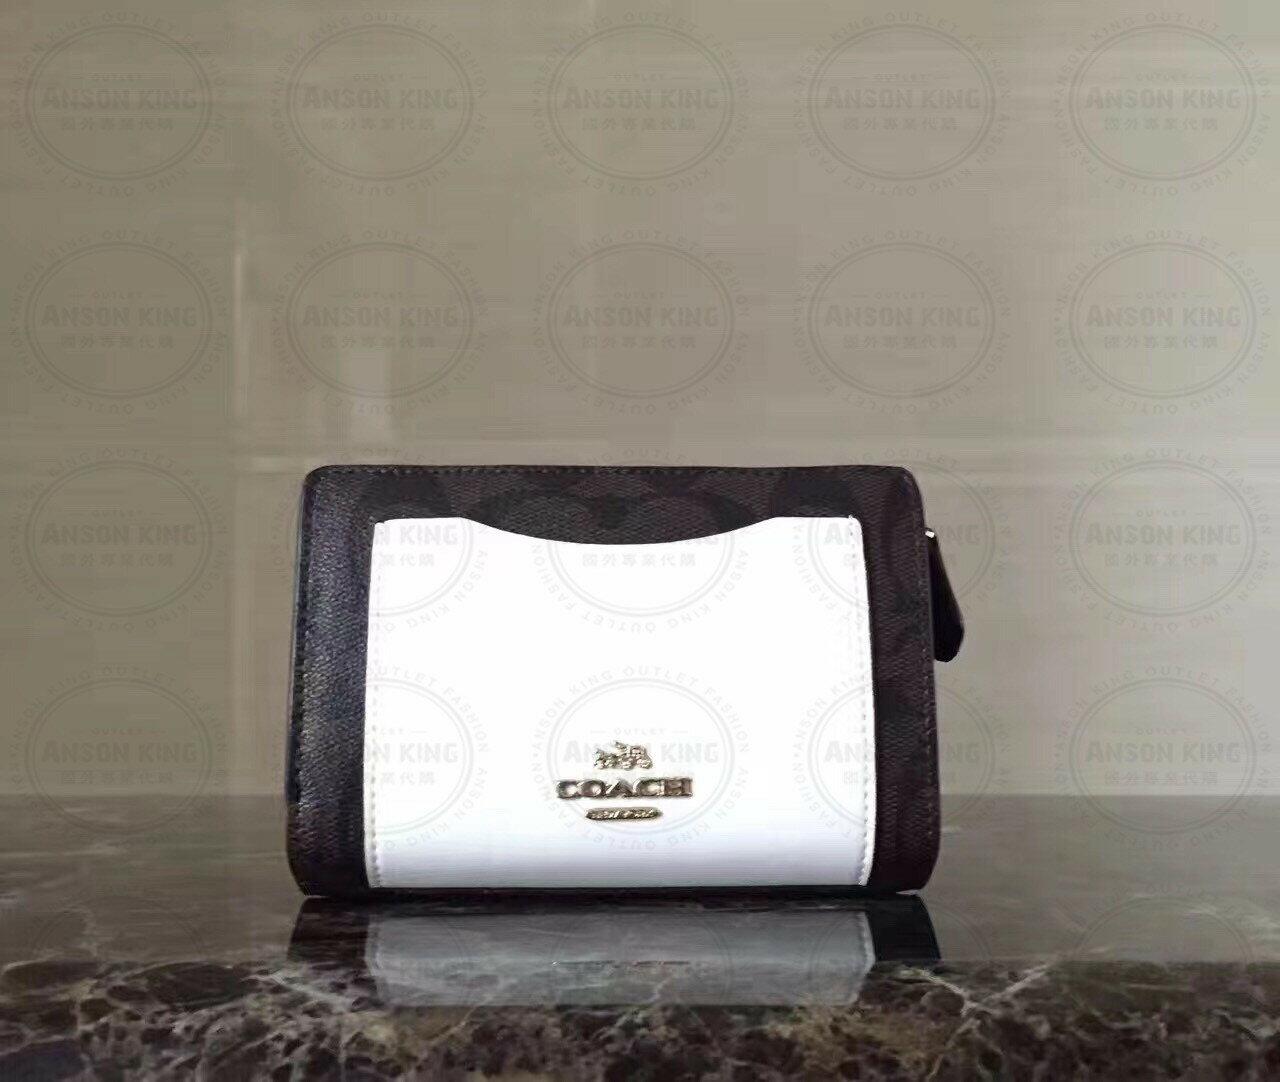 美國Outlet代購 Coach 全新正品 F57824 歐普印花拚色三折短夾 零錢包 鈔票夾 證件夾 黑拚白